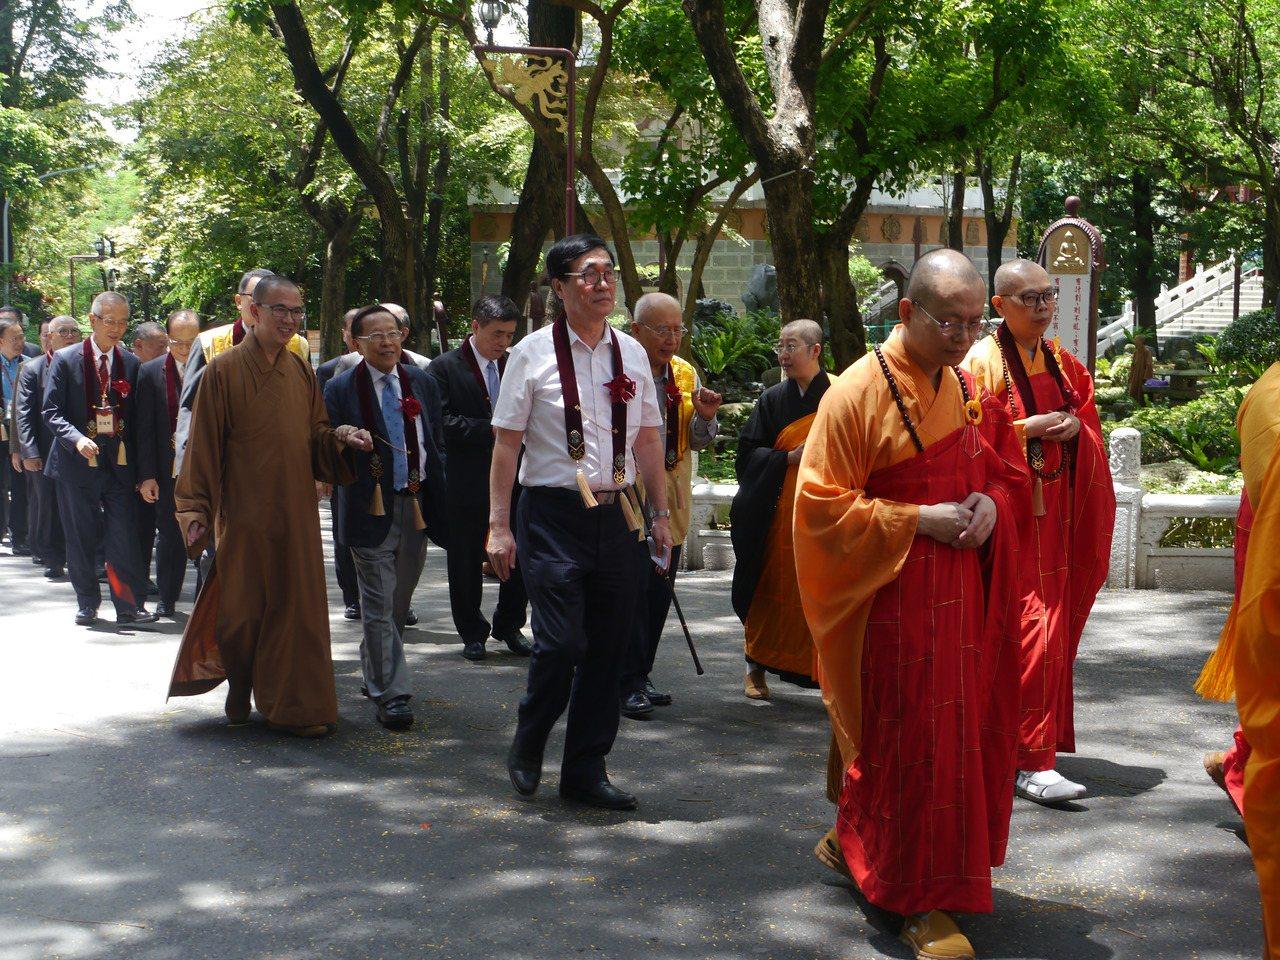 高雄市府副市長李四川代表市府出席「供僧法會」。記者徐白櫻/攝影